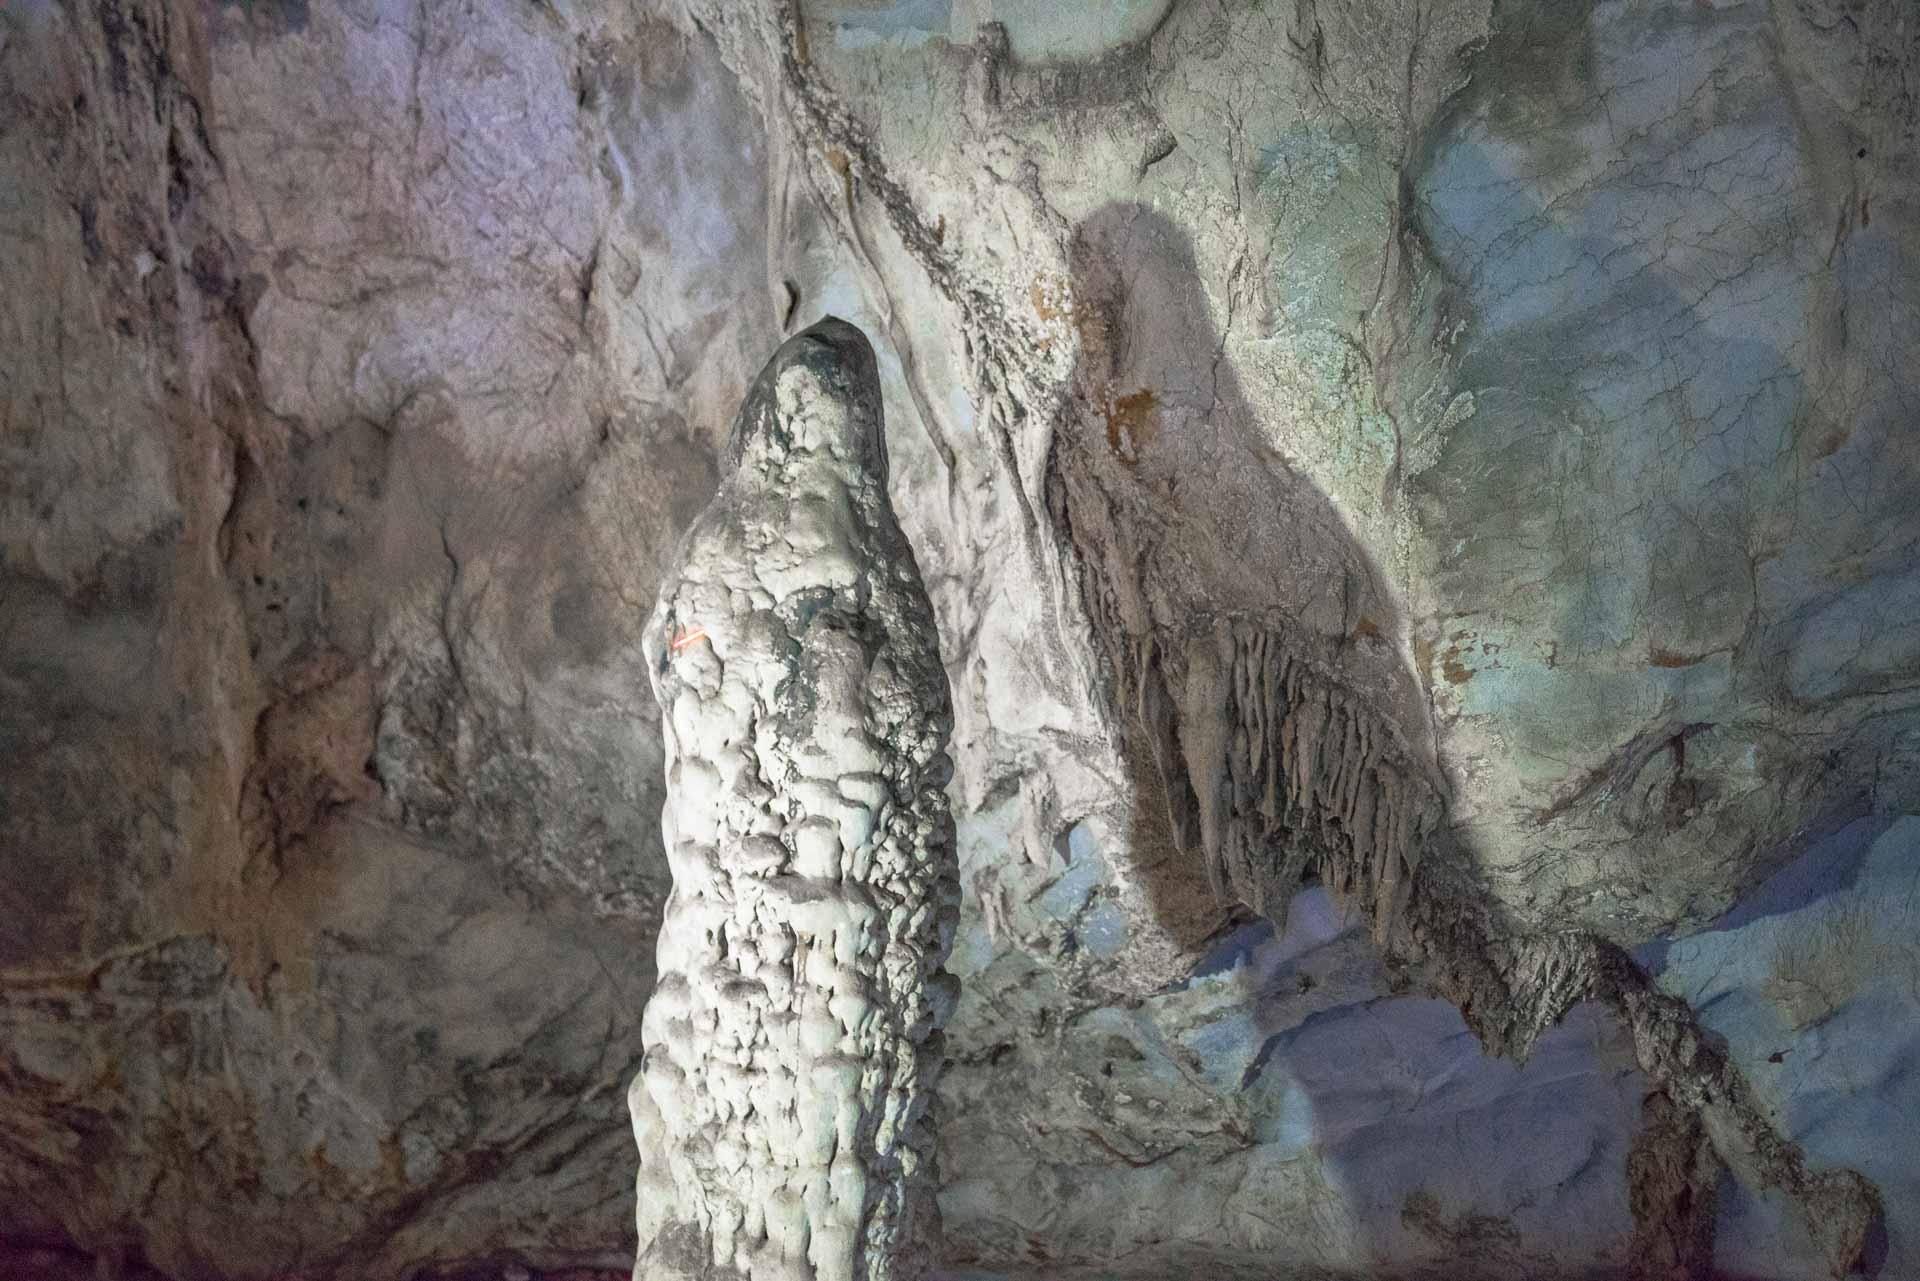 LesVoyageuses-Vietnam-Phong-Nha-Caves-Nature-23